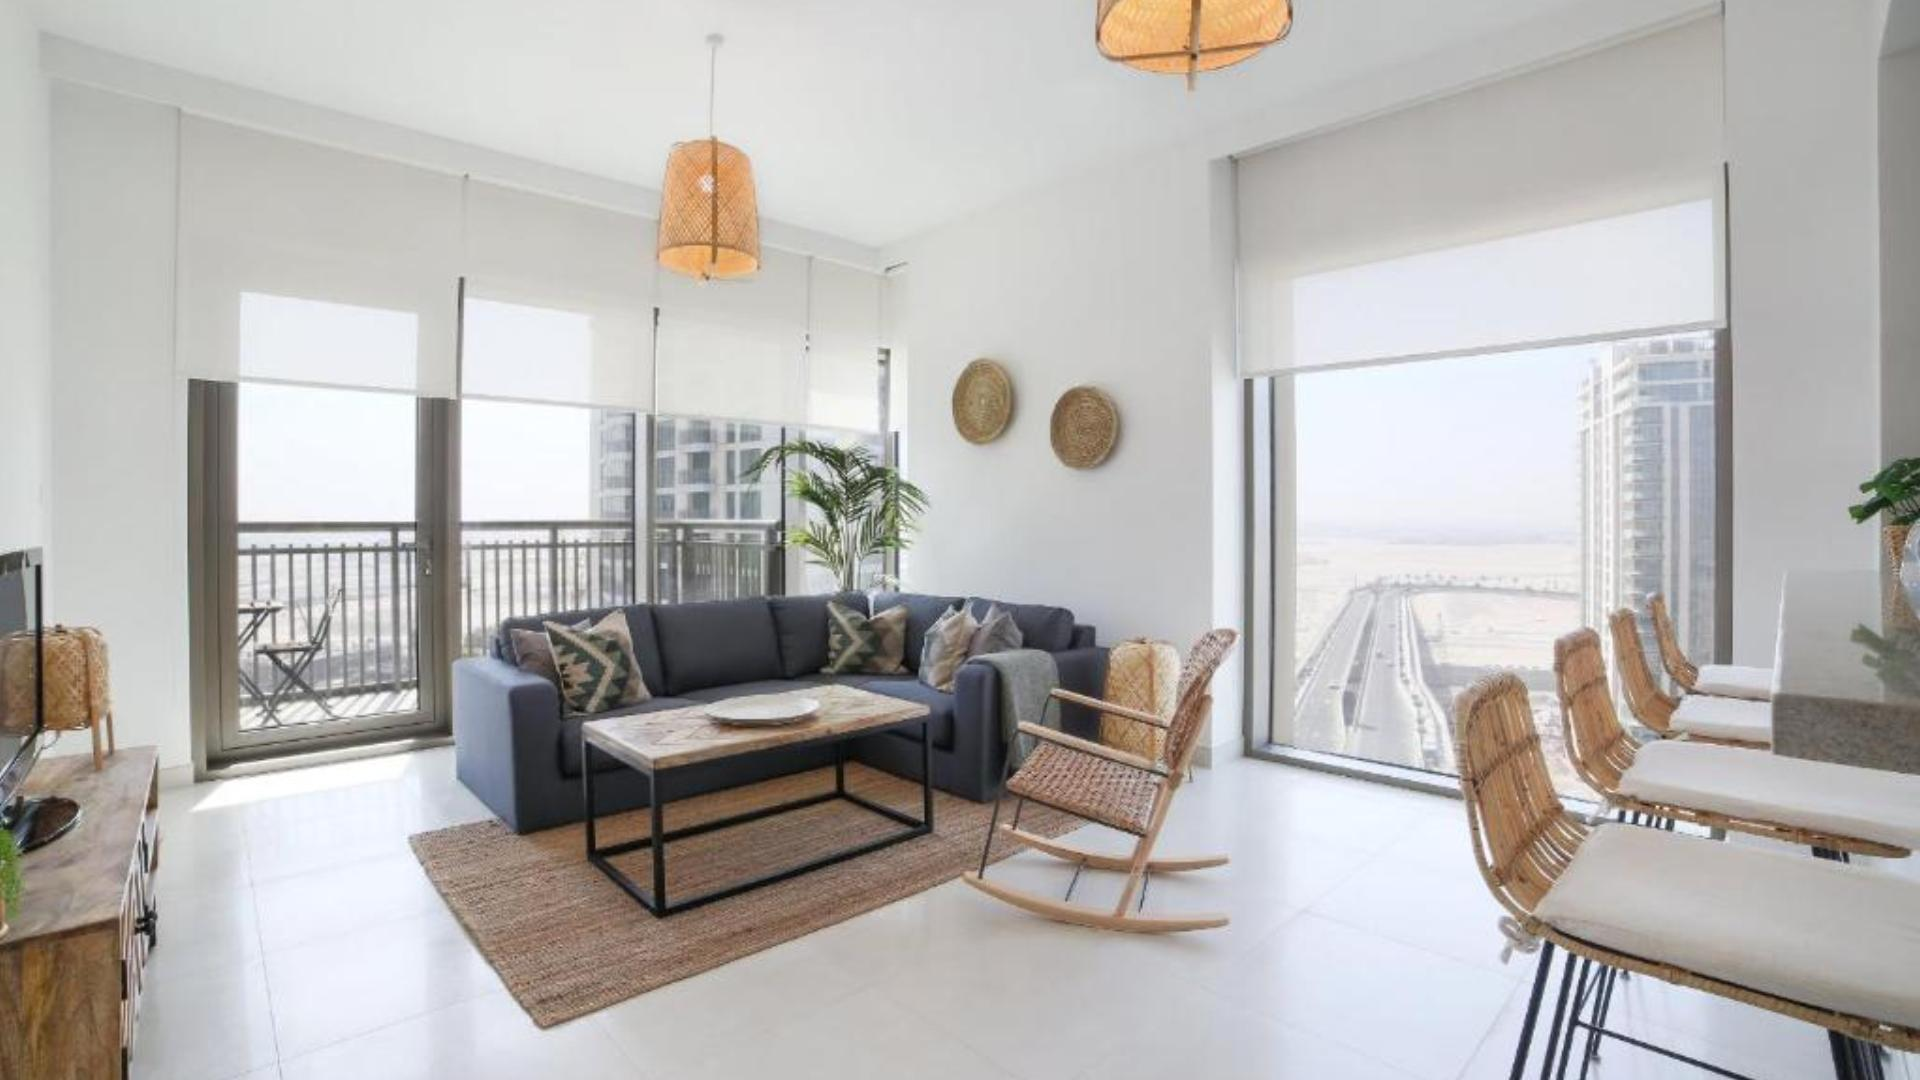 Apartment for sale in Dubai, UAE, 4 bedrooms, 370 m2, No. 24237 – photo 1